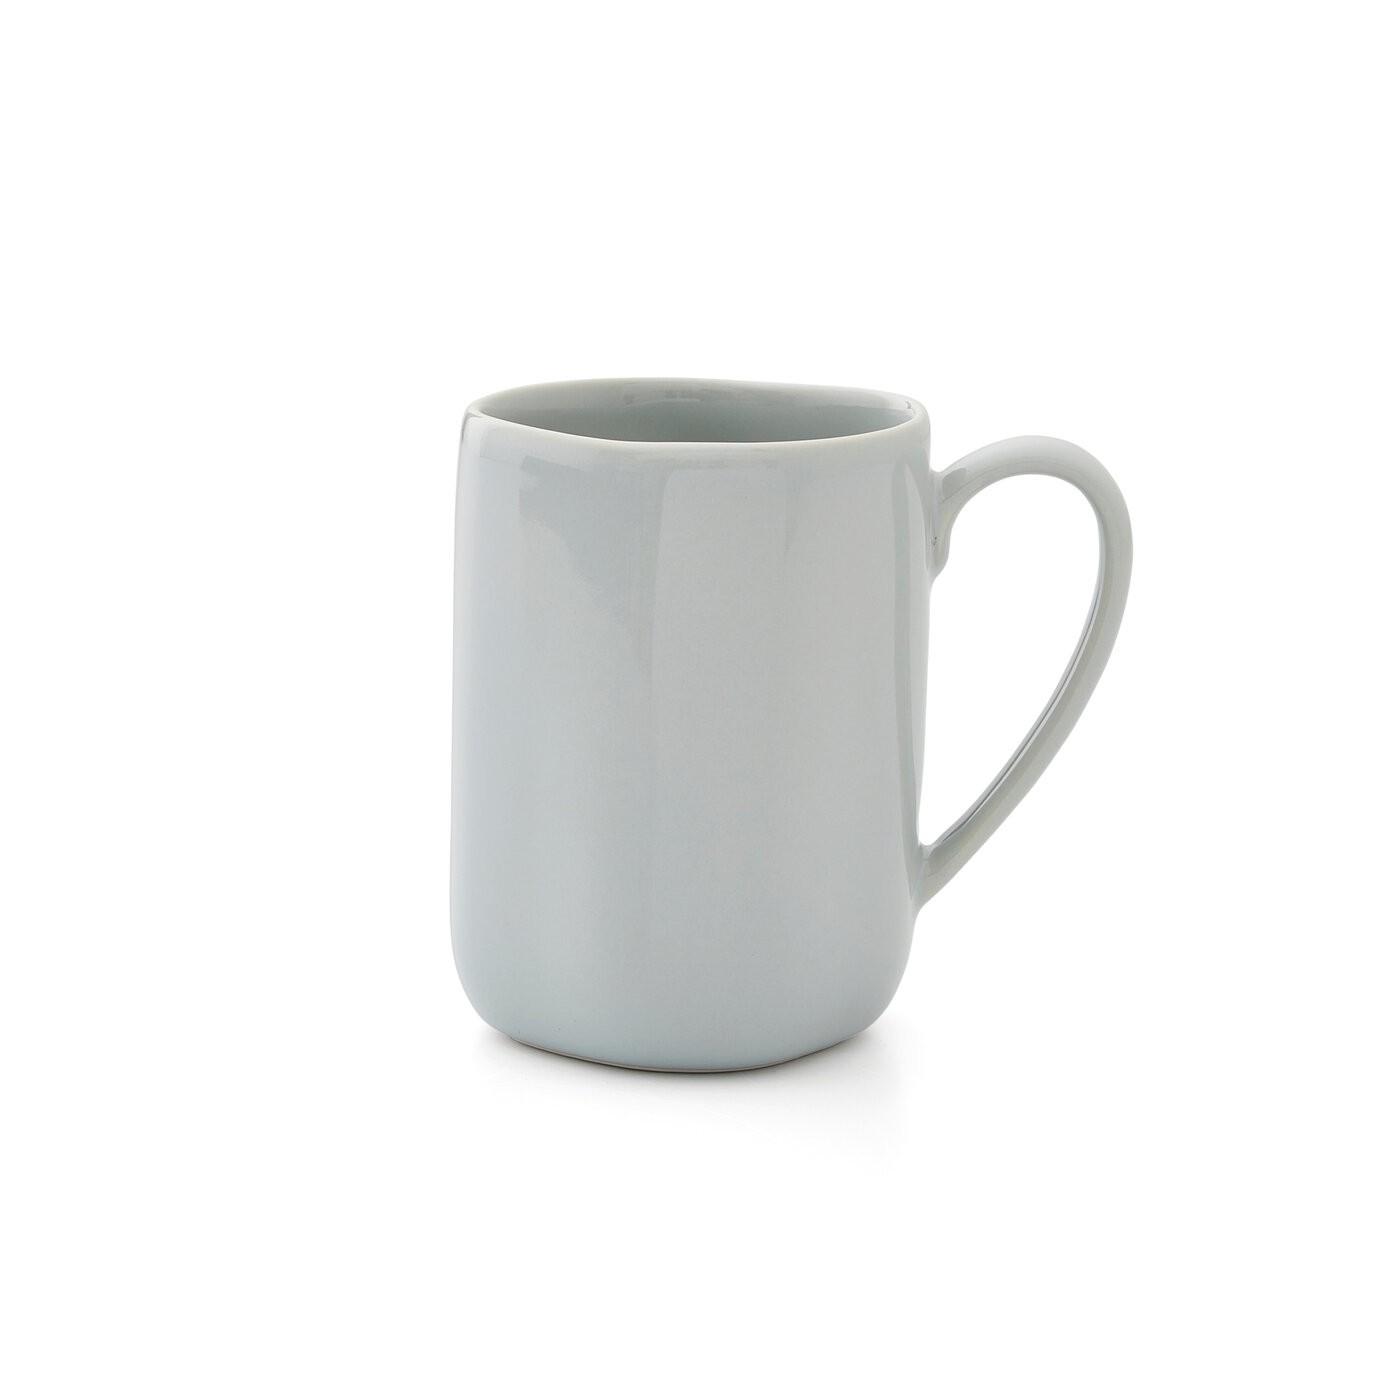 Buy the Sophie Conran for Portmeirion Arbor Mug - Set of 4 Dove Grey online at smithsofloughton.com